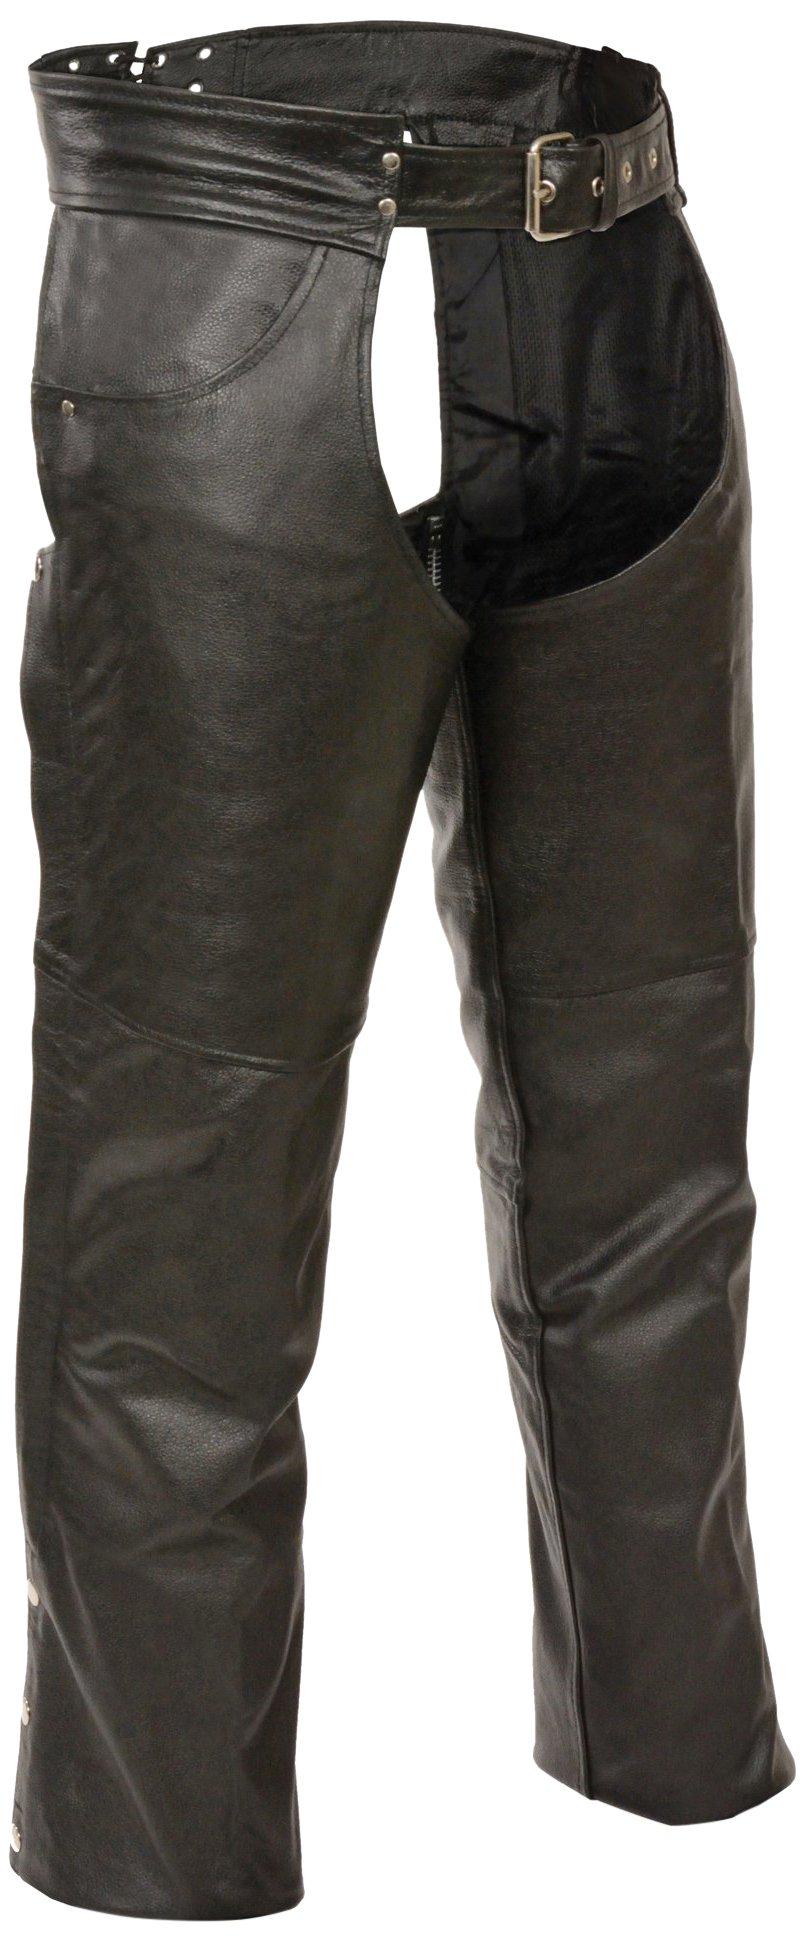 Event Biker Leather Men's Buffalo Split Leather Plain Lined Chaps (Black, X-Large)